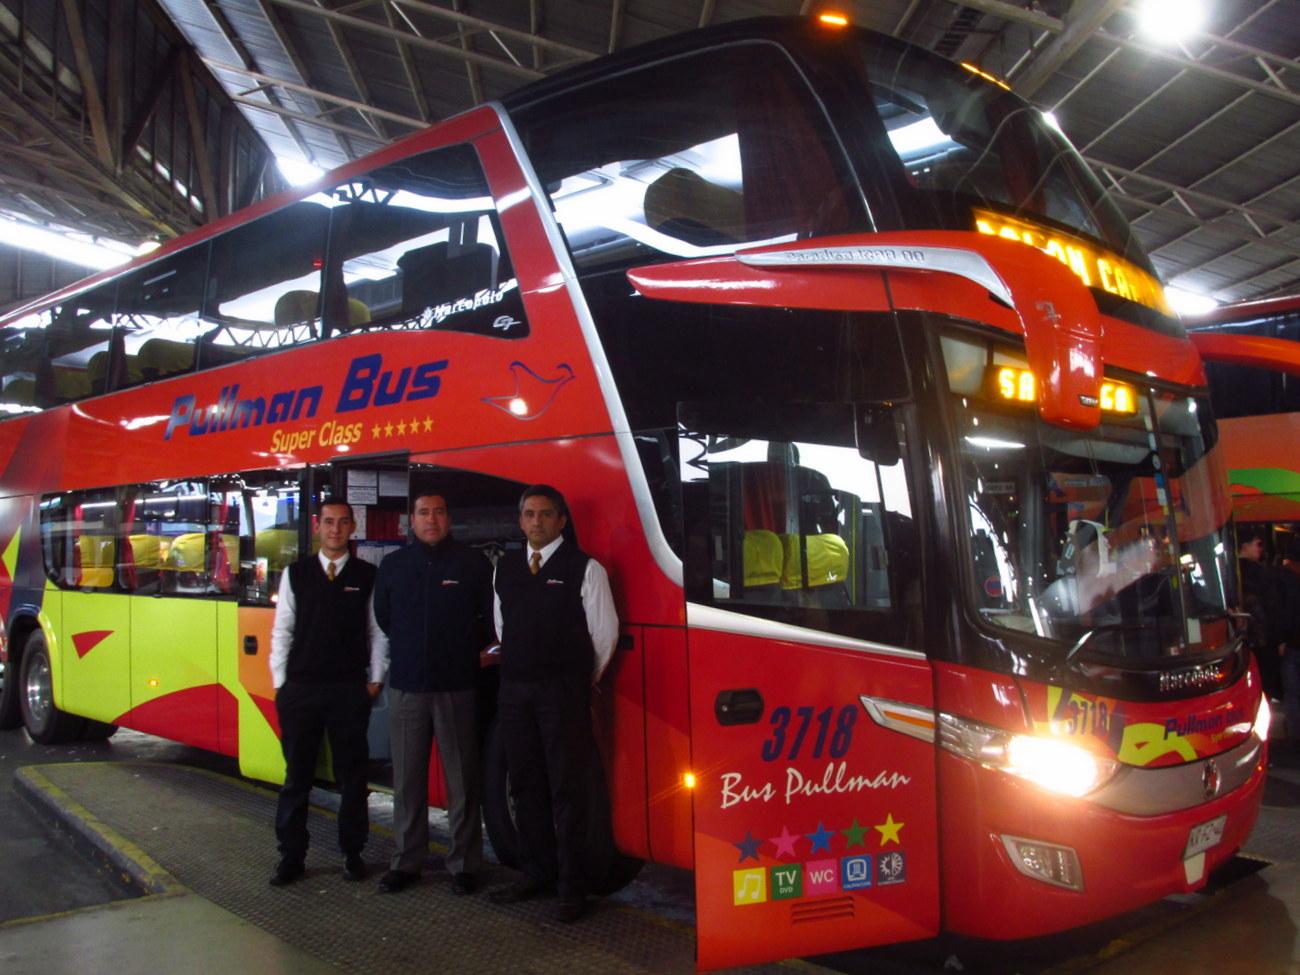 Tripulación Pullman Bus 3718